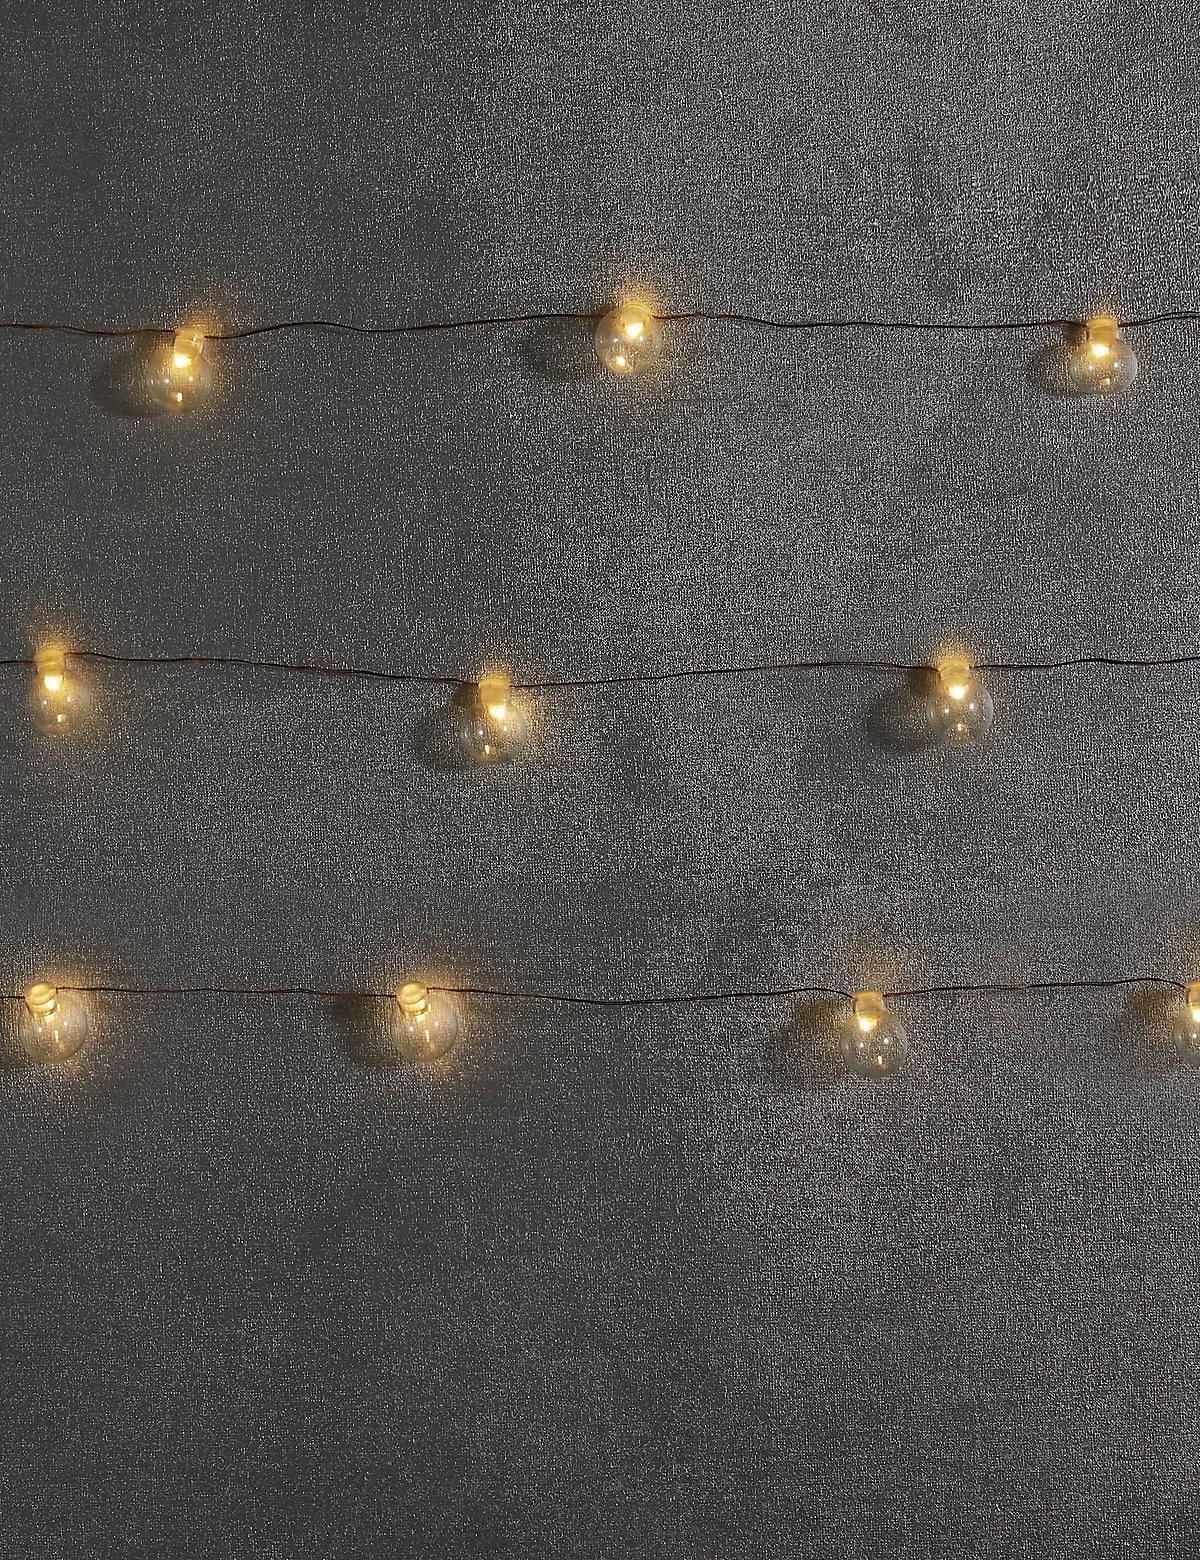 12 LED Mini Festoon Lights